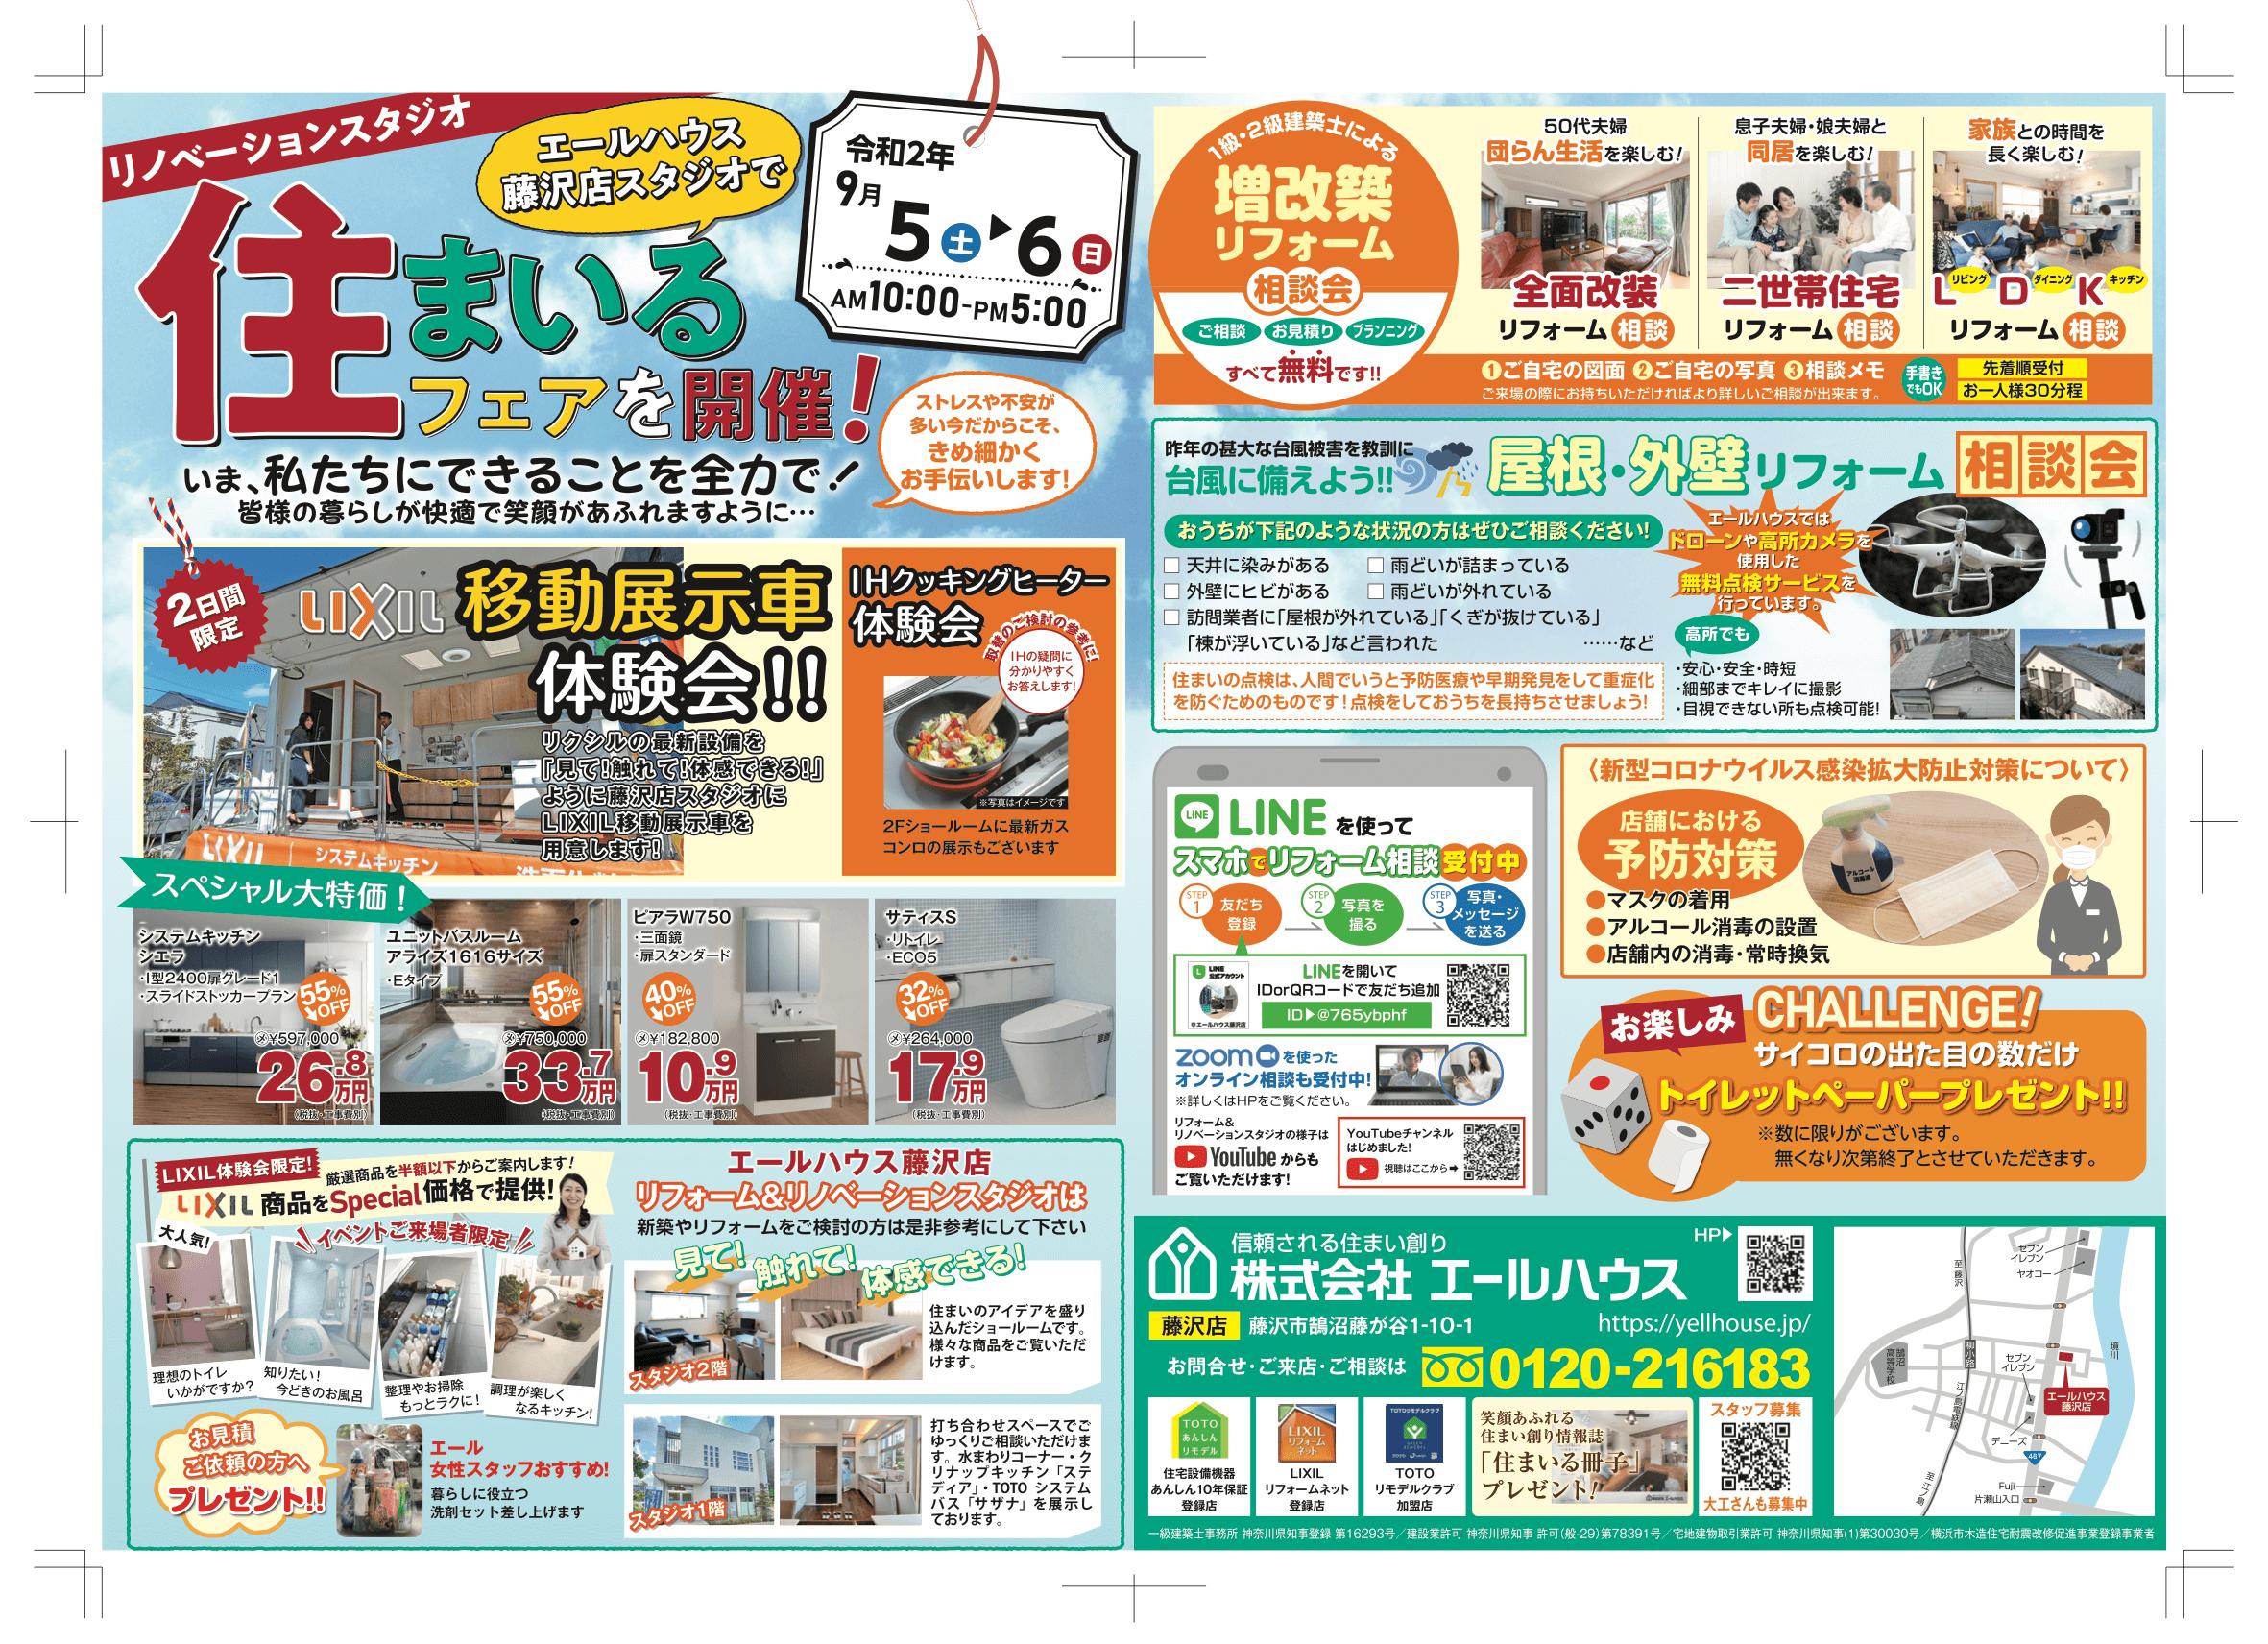 9/5(土)・9/6(日) 藤沢店・湘南店・旭店 イベント同時開催!